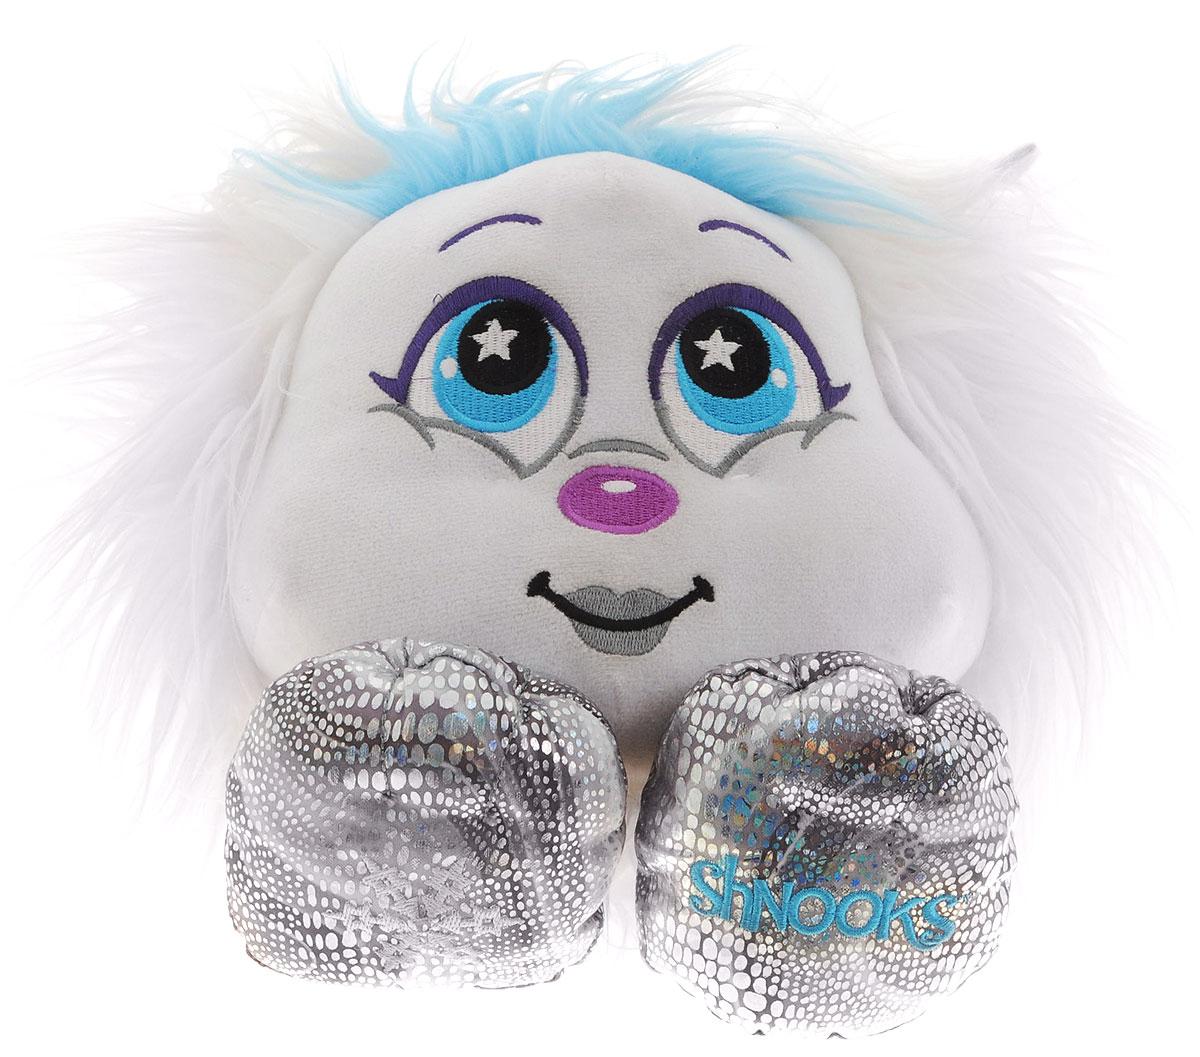 Zuru Мягкая игрушка Big Shnooks цвет белый 23 см203_белыйМягкая игрушка Zuru Big Shnooks привлечет внимание вашей малышки и станет для нее лучшим другом. Shnooks (Шнукс) - забавный плюшевый мохнатик с веселой мордочкой, маленьким носиком, добрыми глазками и пухлыми маленькими лапками. Все зверюшки Shnooks любят, когда их обнимают, гладят, заплетают косички и создают различные прически. Перед использованием игрушку необходимо достать из упаковки и потрясти. Объем волос игрушки сильно увеличится. Такая замечательная игрушка подарит вашей малышке множество часов приятных объятий, а также позволит ей проявить свой парикмахерский талант.